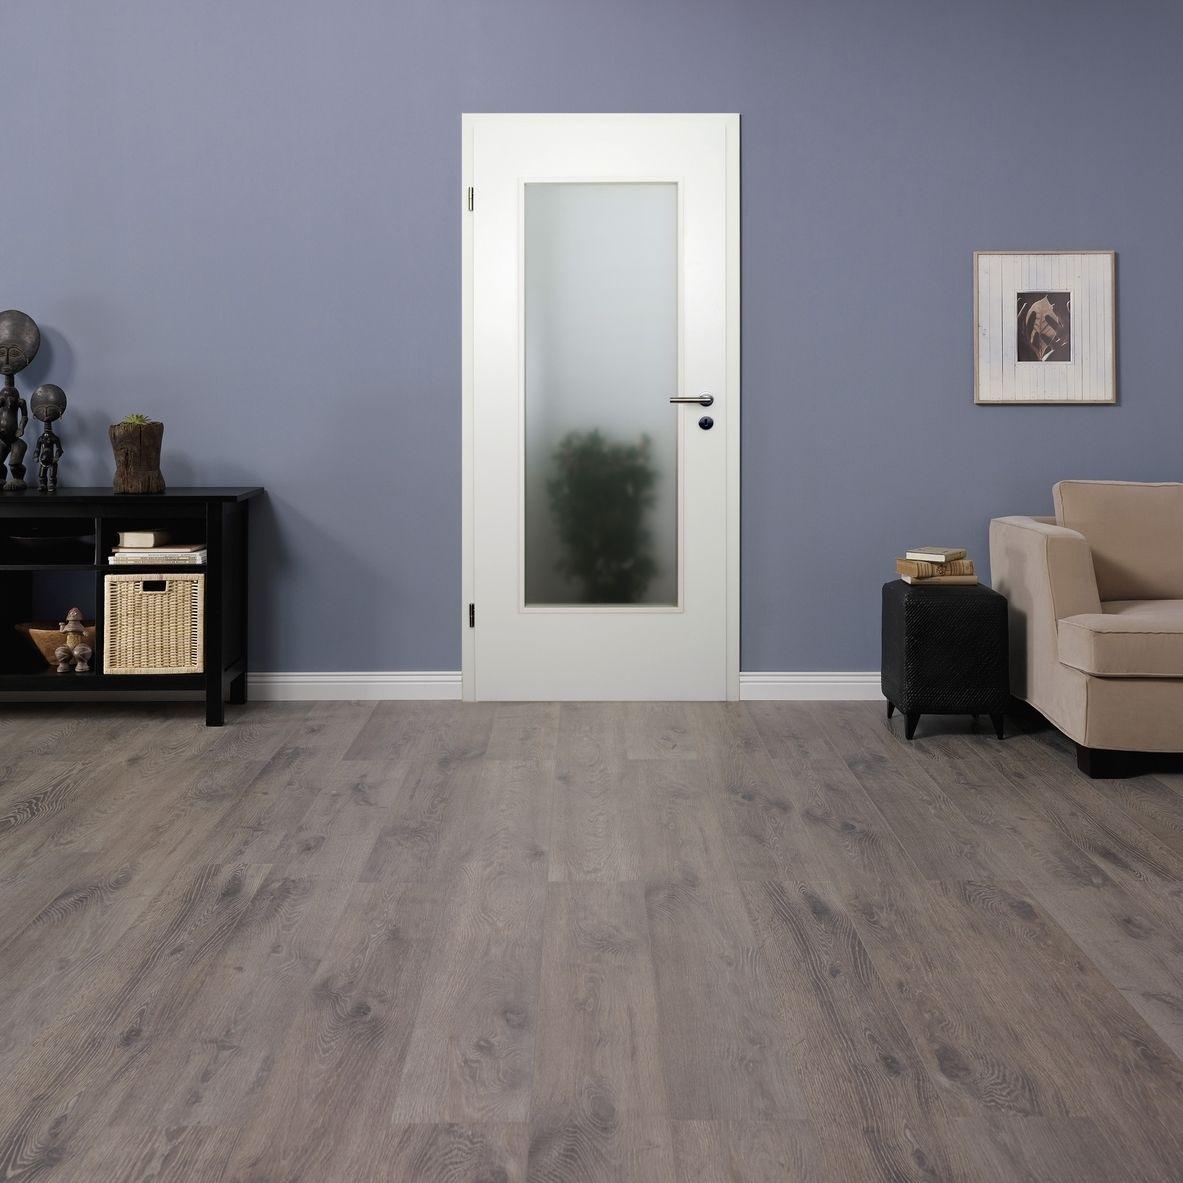 hori zimmert r cpl wei lack r hrenspan kleine rundkante t r mit ohne glas ebay. Black Bedroom Furniture Sets. Home Design Ideas